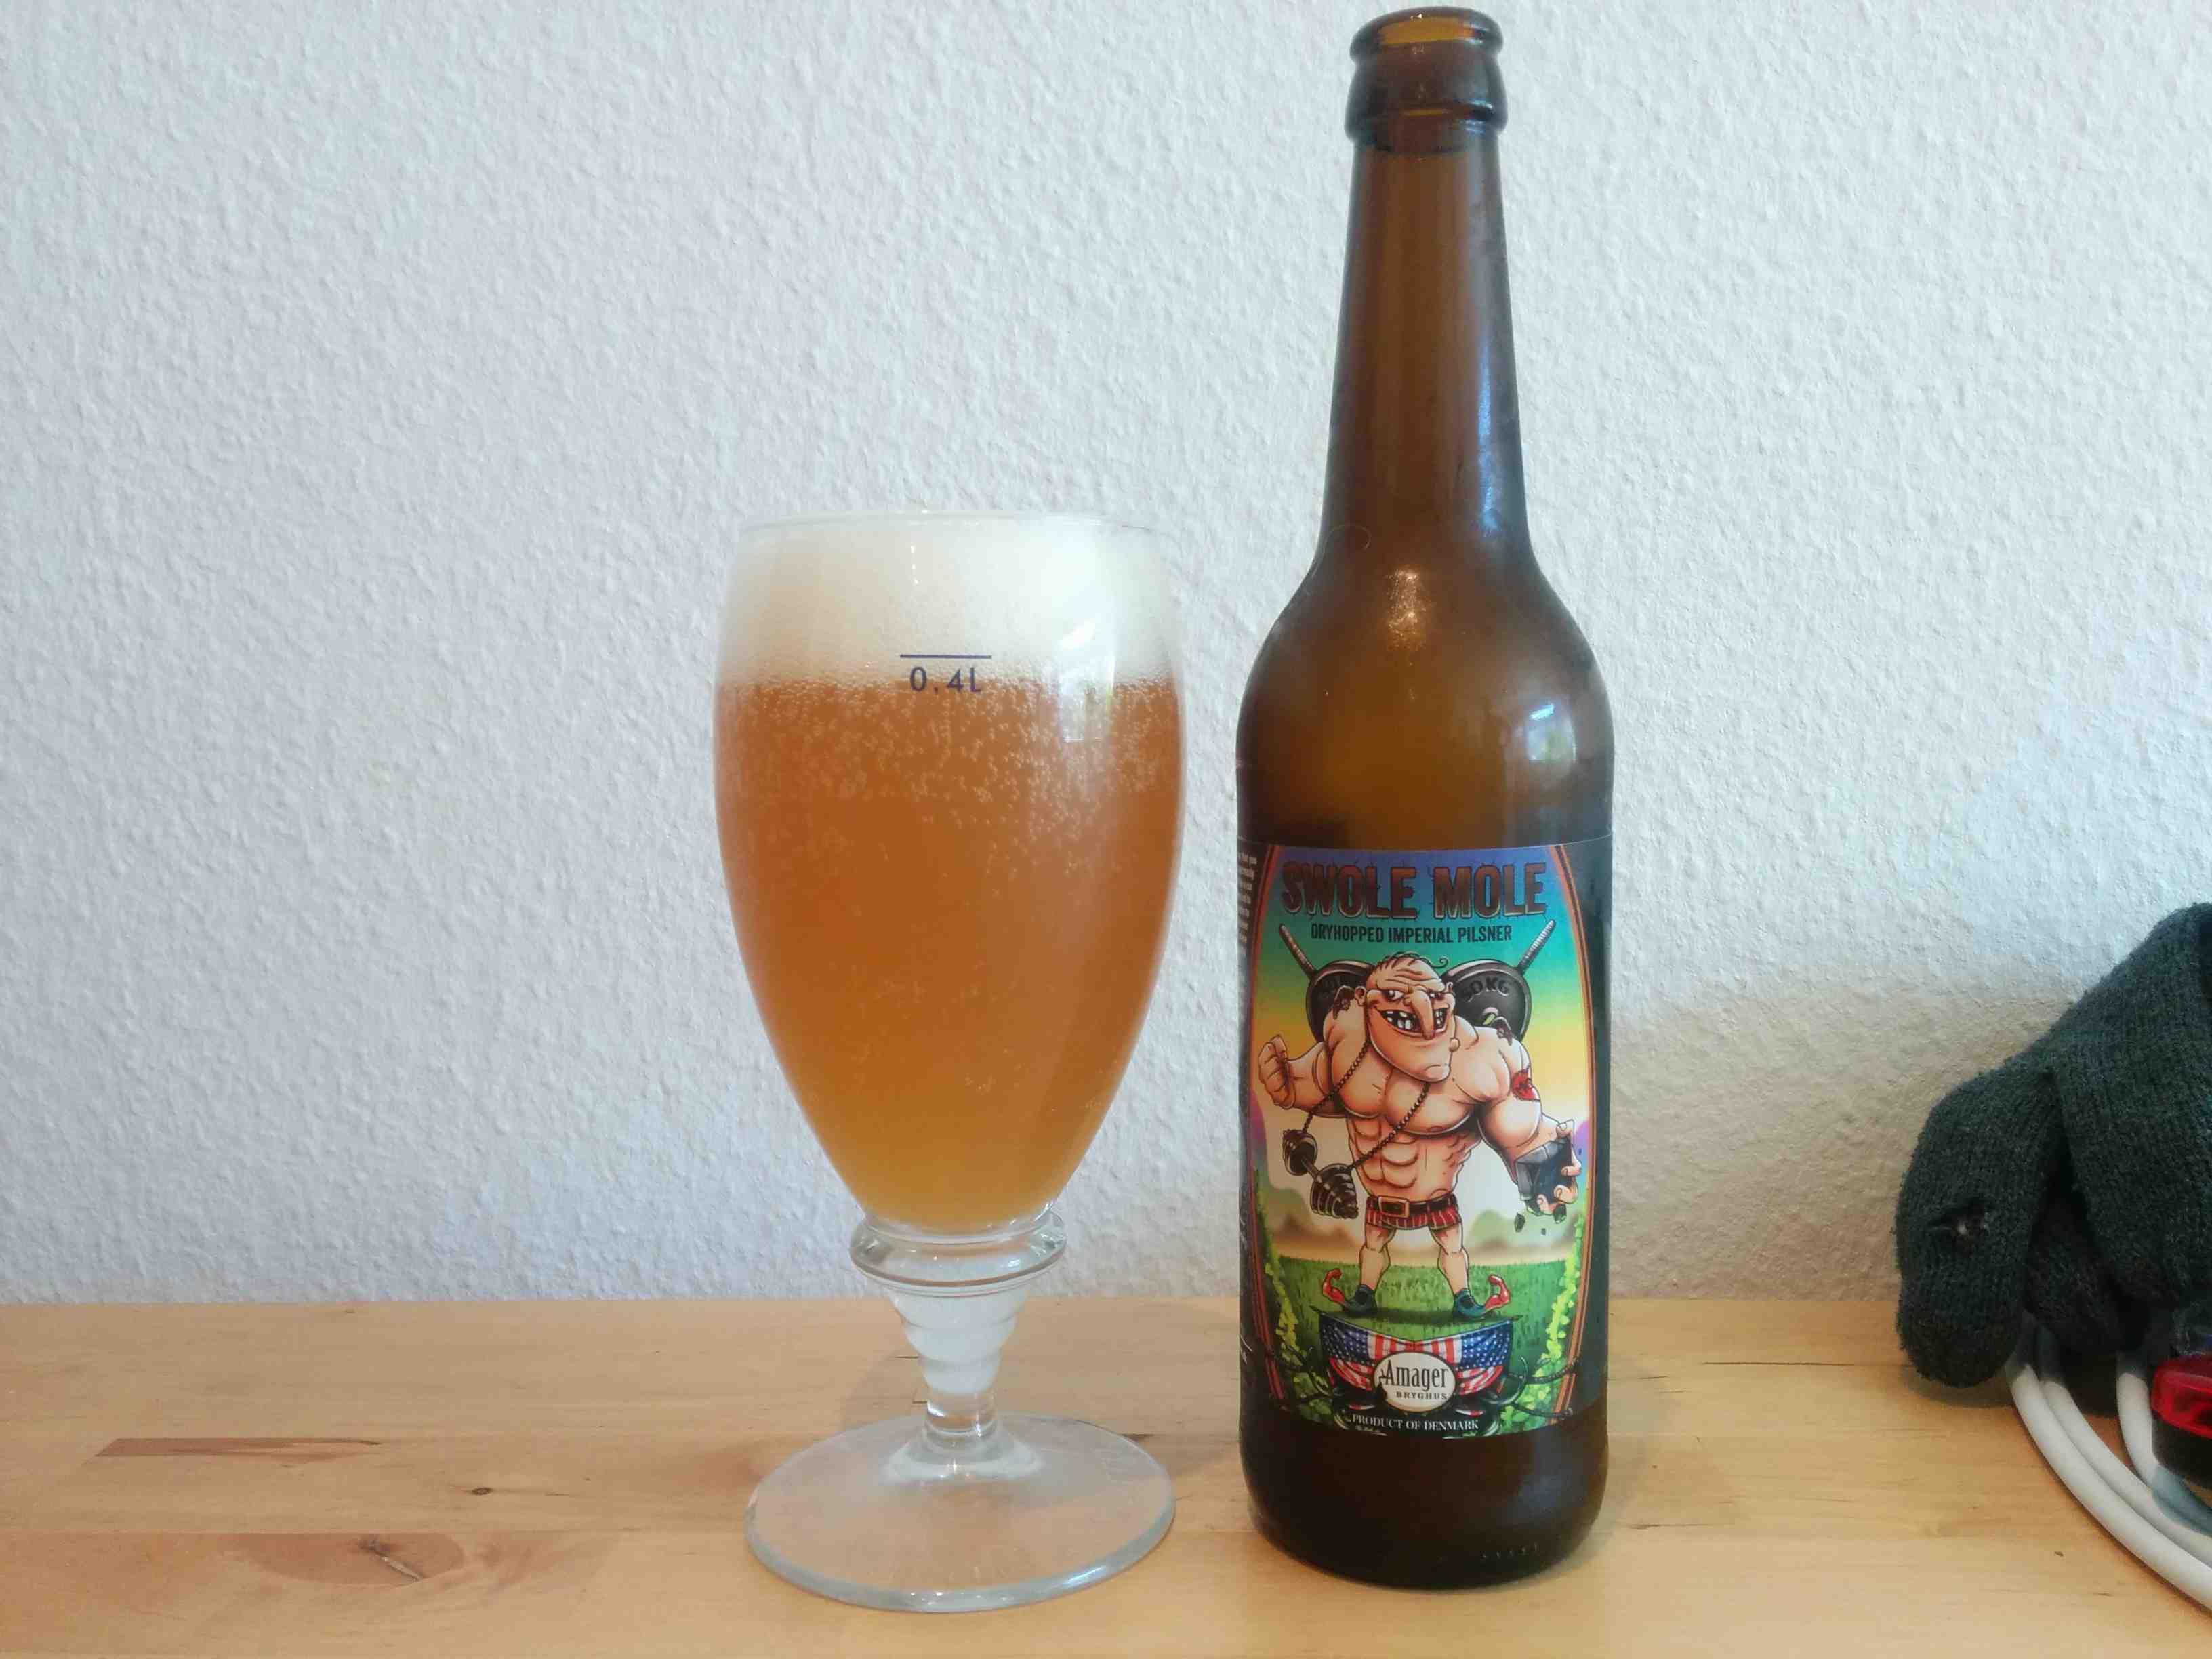 Amager Bryghus Swole Mole i glas og flaske